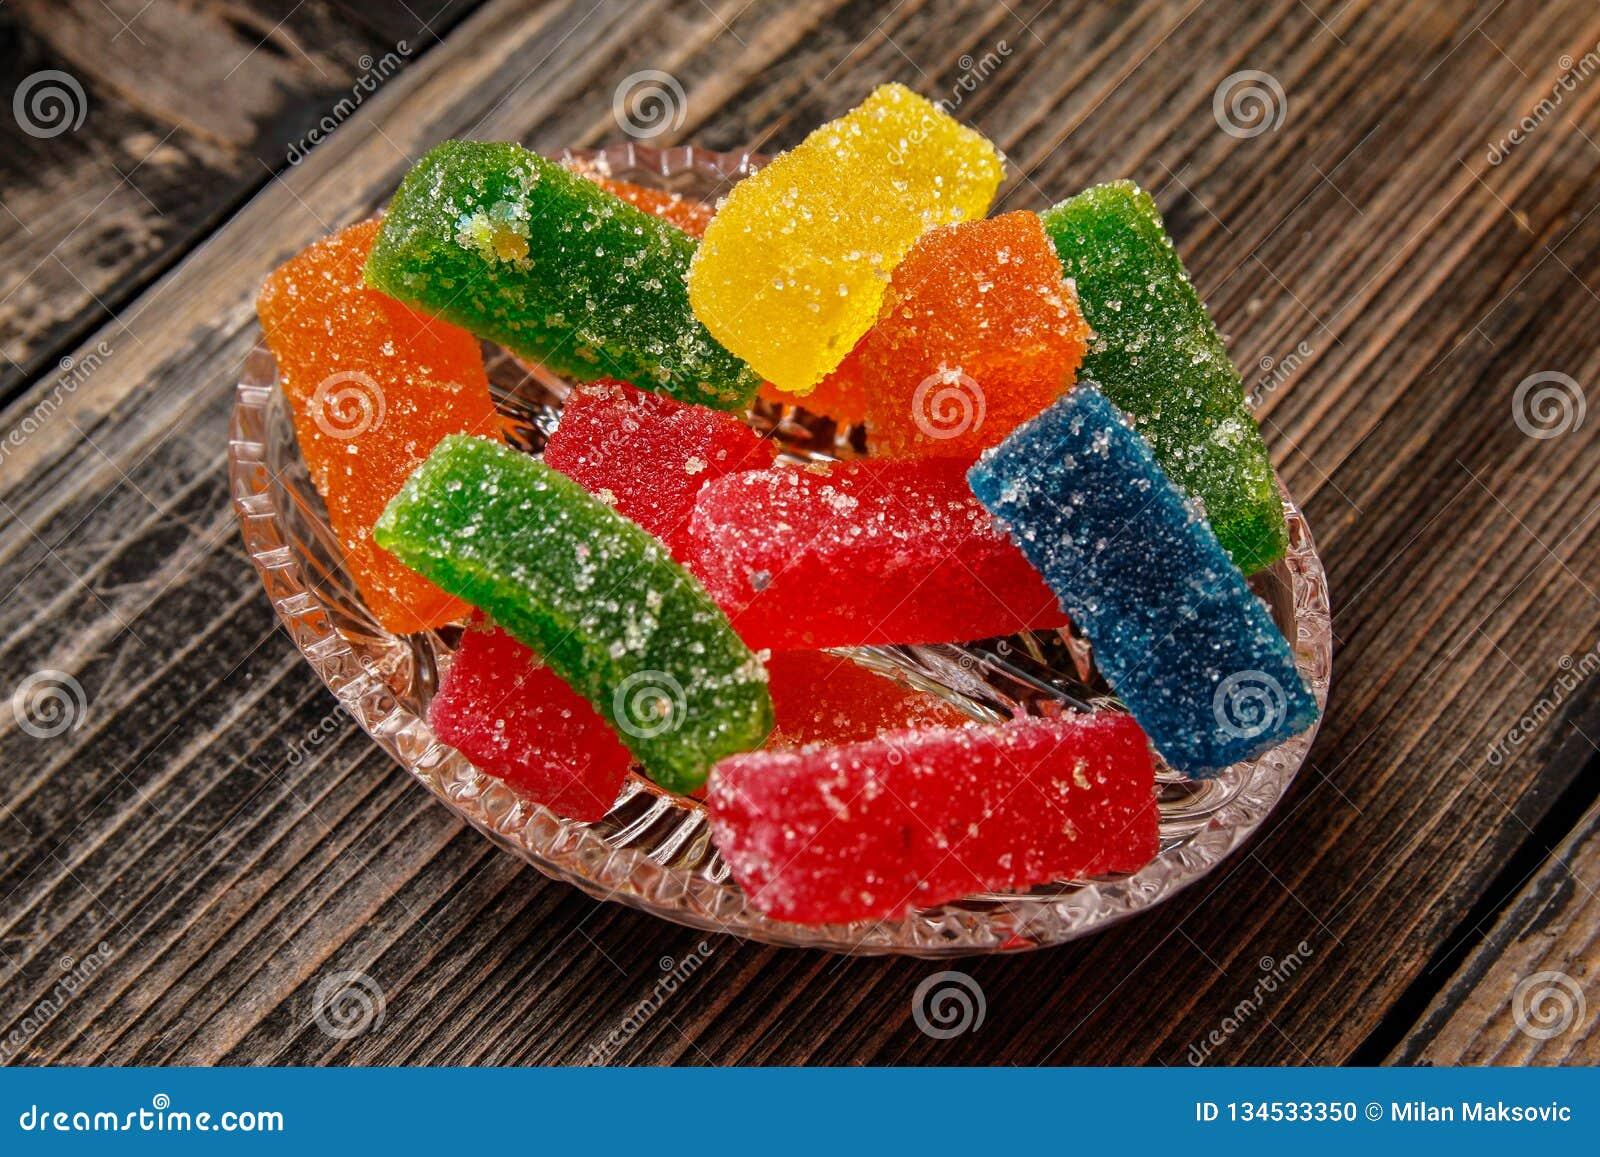 Mehrfarbige gummiartige Süßigkeit beschichtet mit Zucker